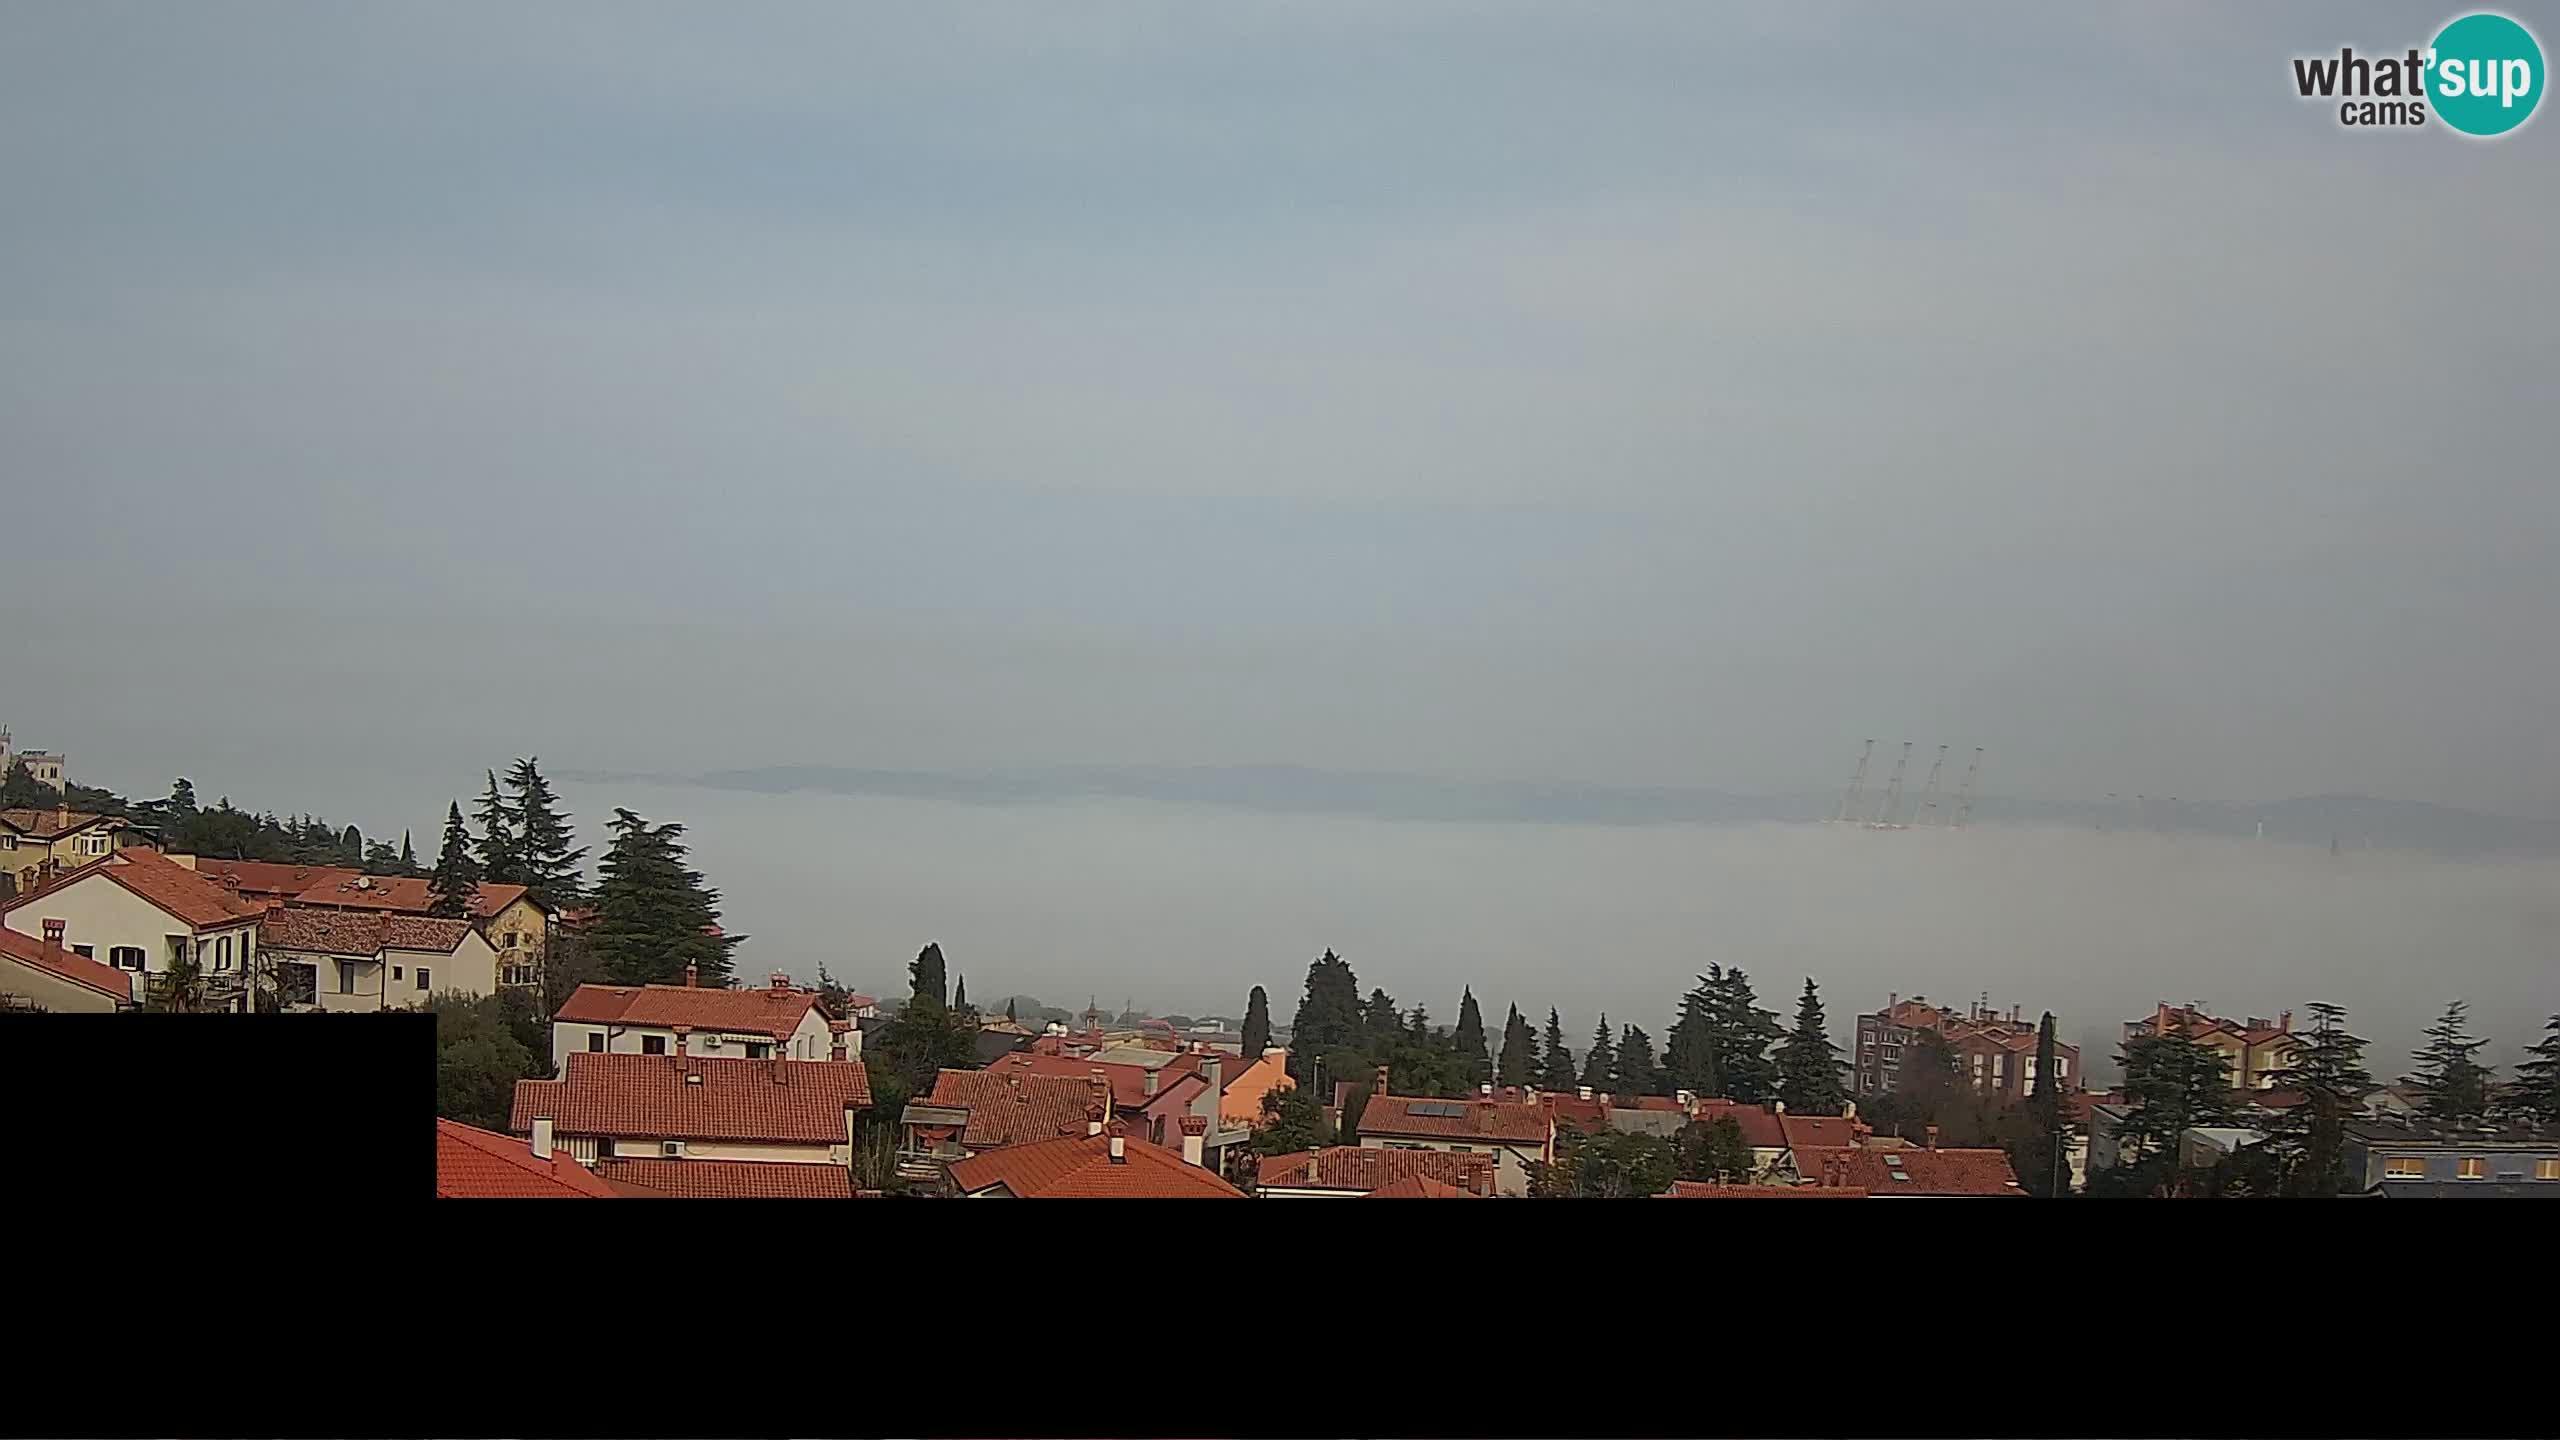 Cámara web en vivo Koper – Vista panorámica de la ciudad y el puerto – Eslovenia